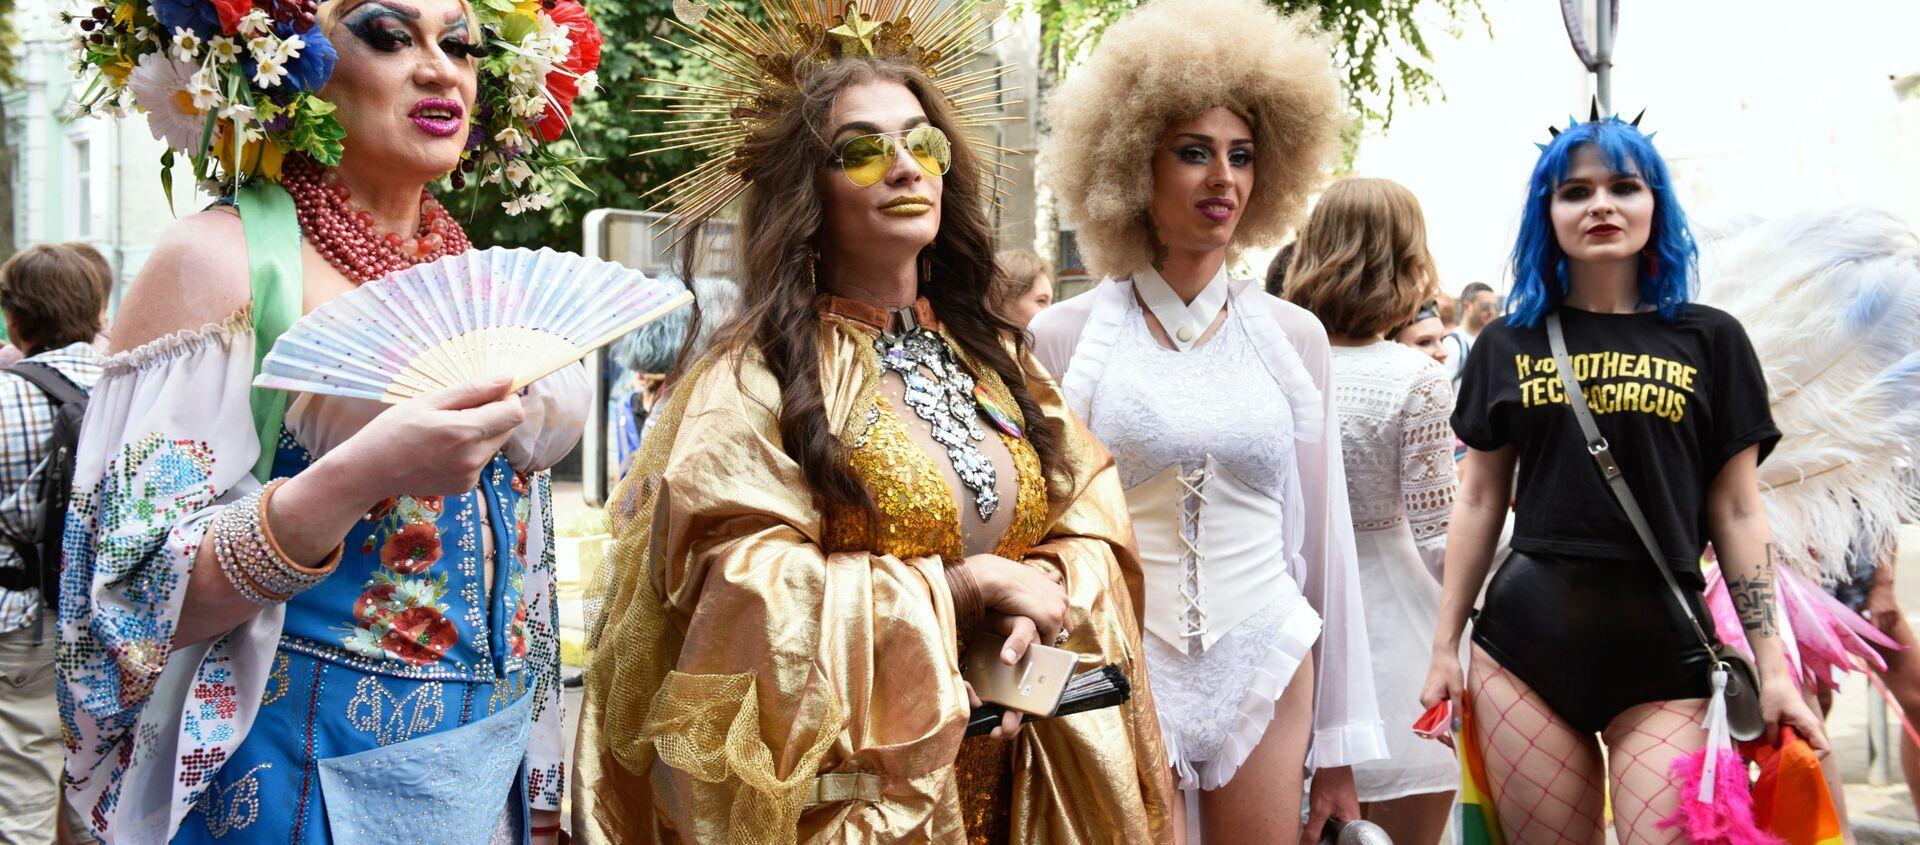 Parada LGBT w Kijowie - Sputnik Polska, 1920, 02.08.2019